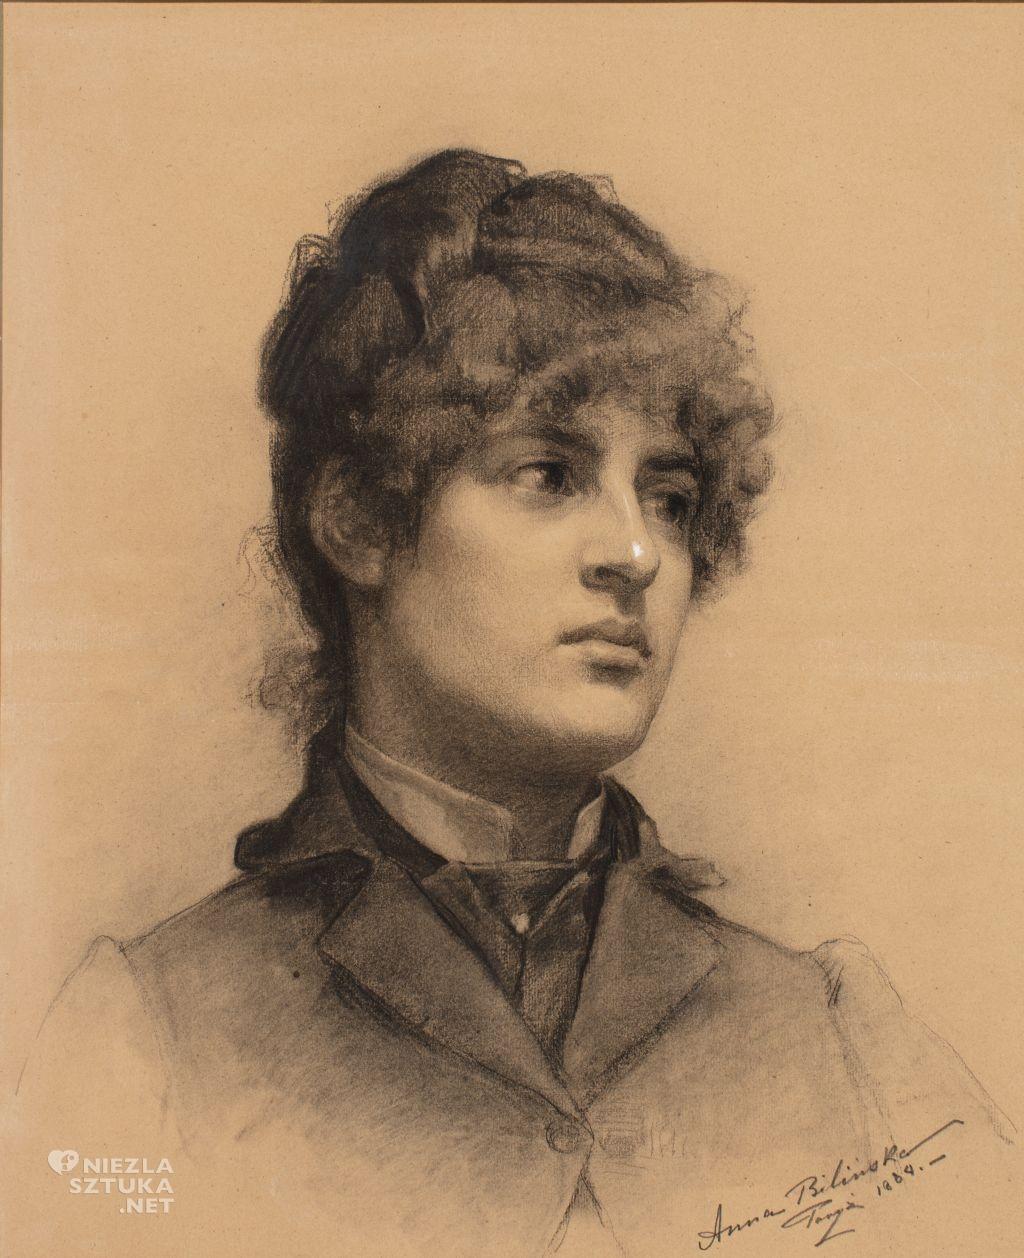 Anna Bilińska, Autoportret, malarka polska, sztuka polska, Niezła sztuka